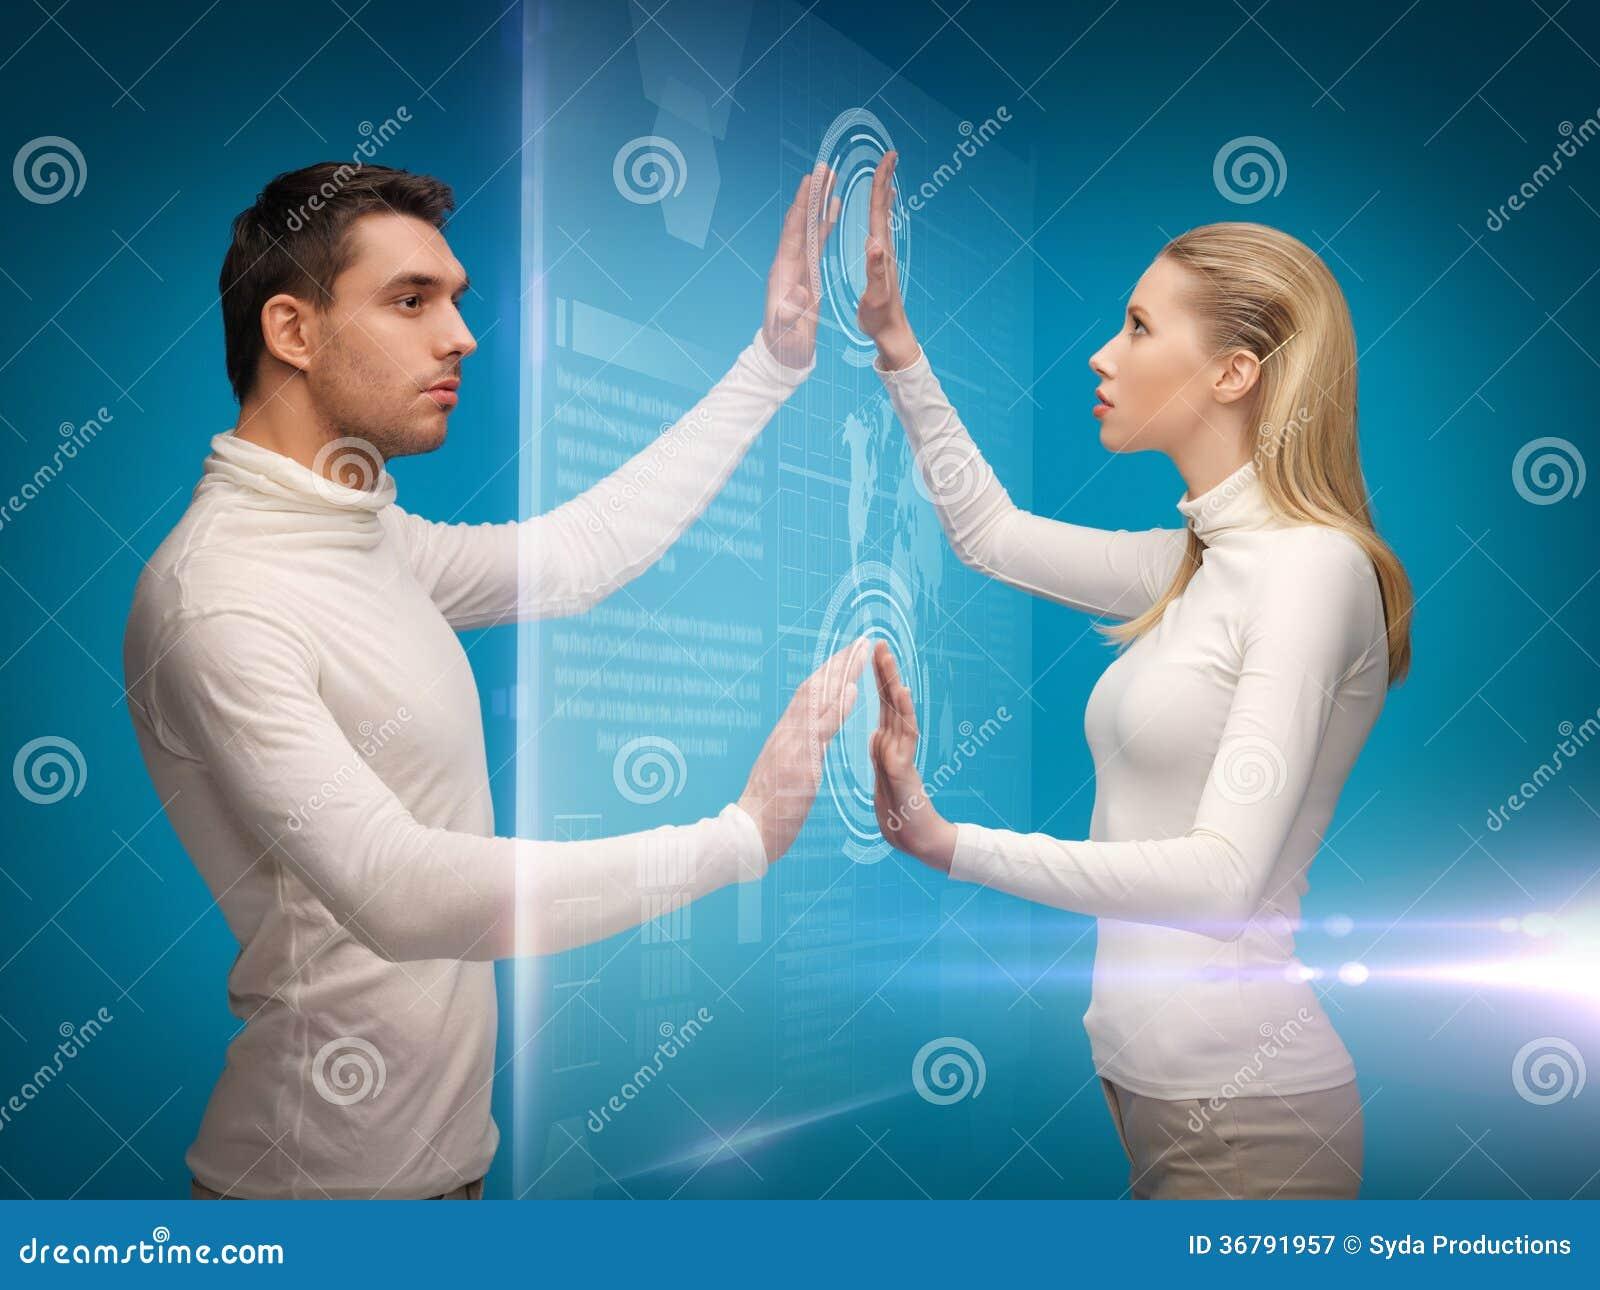 Άνδρας και γυναίκα που εργάζονται με τις εικονικές οθόνες